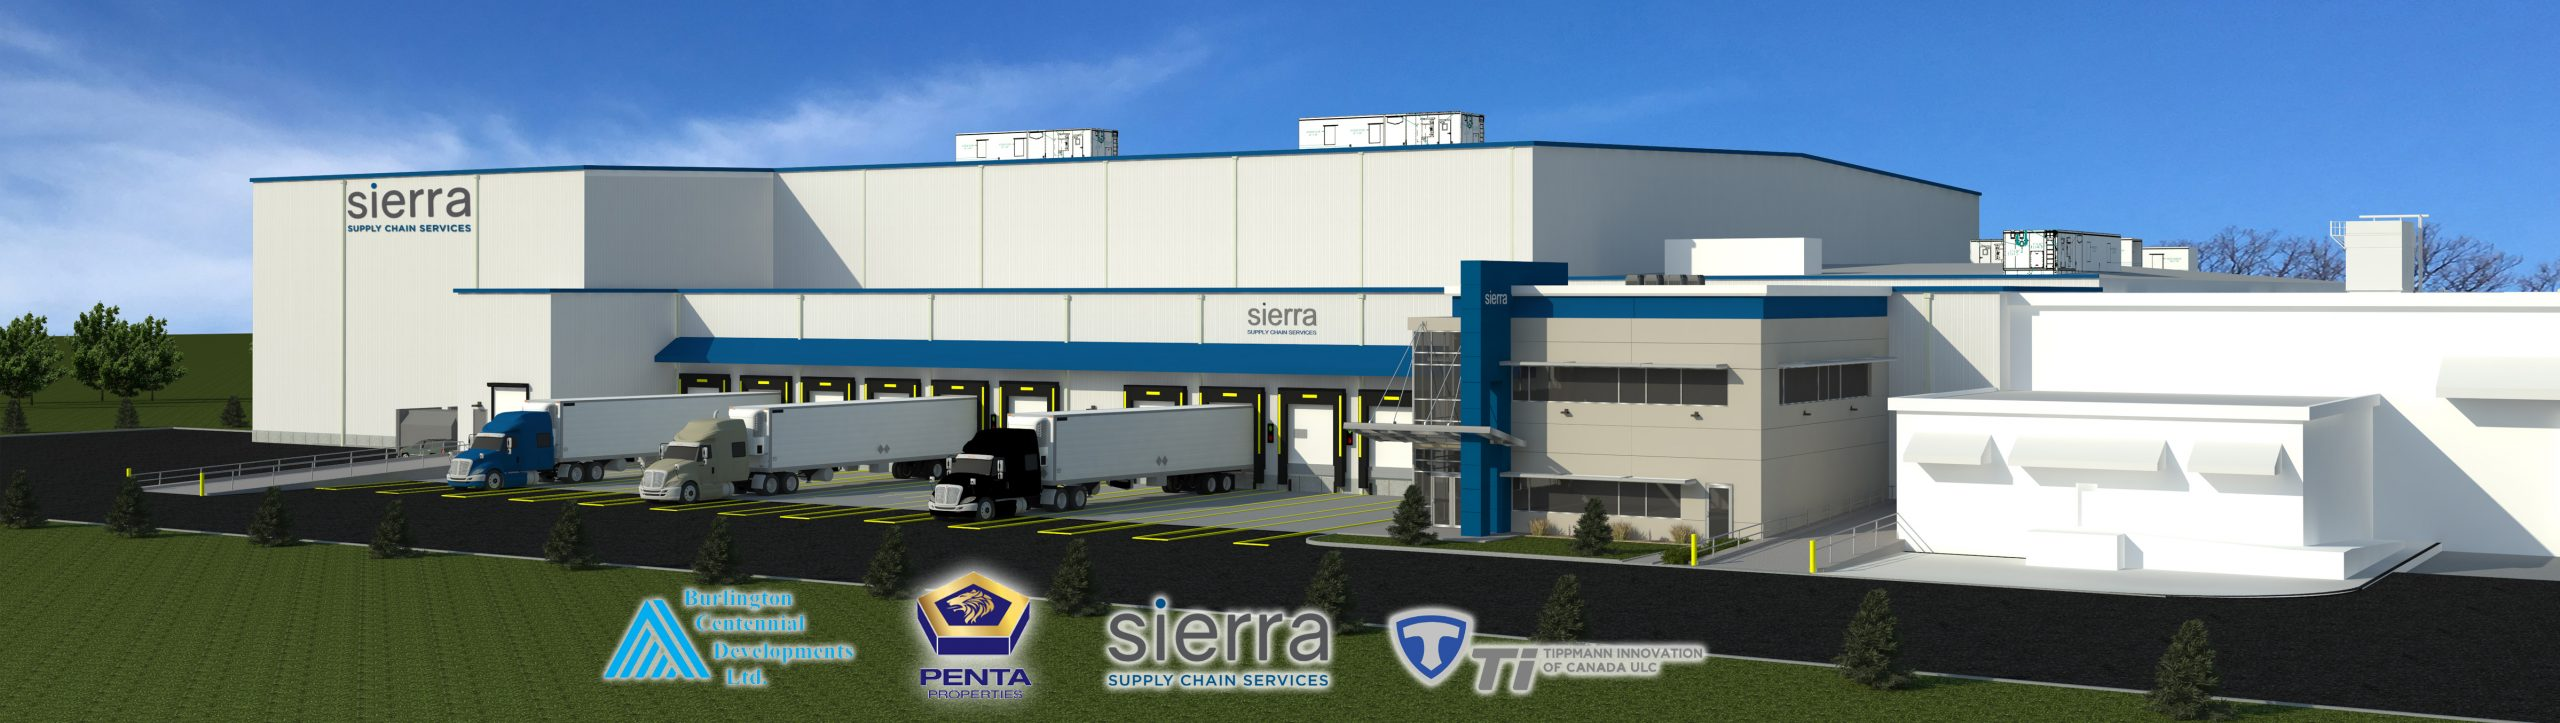 Sierra Cold Storage Rendering View